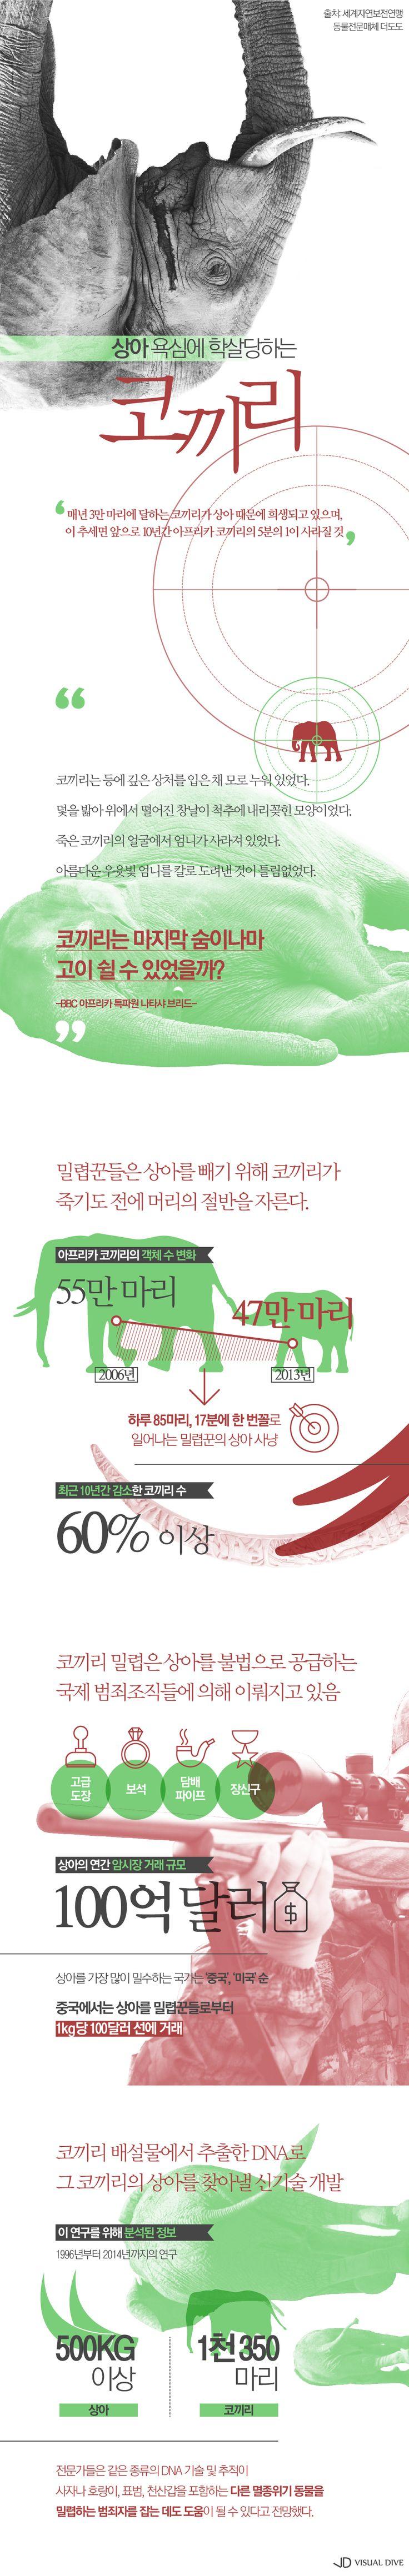 상아 욕심에 학살당하는 코끼리…10년 새 60% 이상 감소 [인포그래픽] #elephant / #Infographic ⓒ 비주얼다이브 무단 복사·전재·재배포 금지